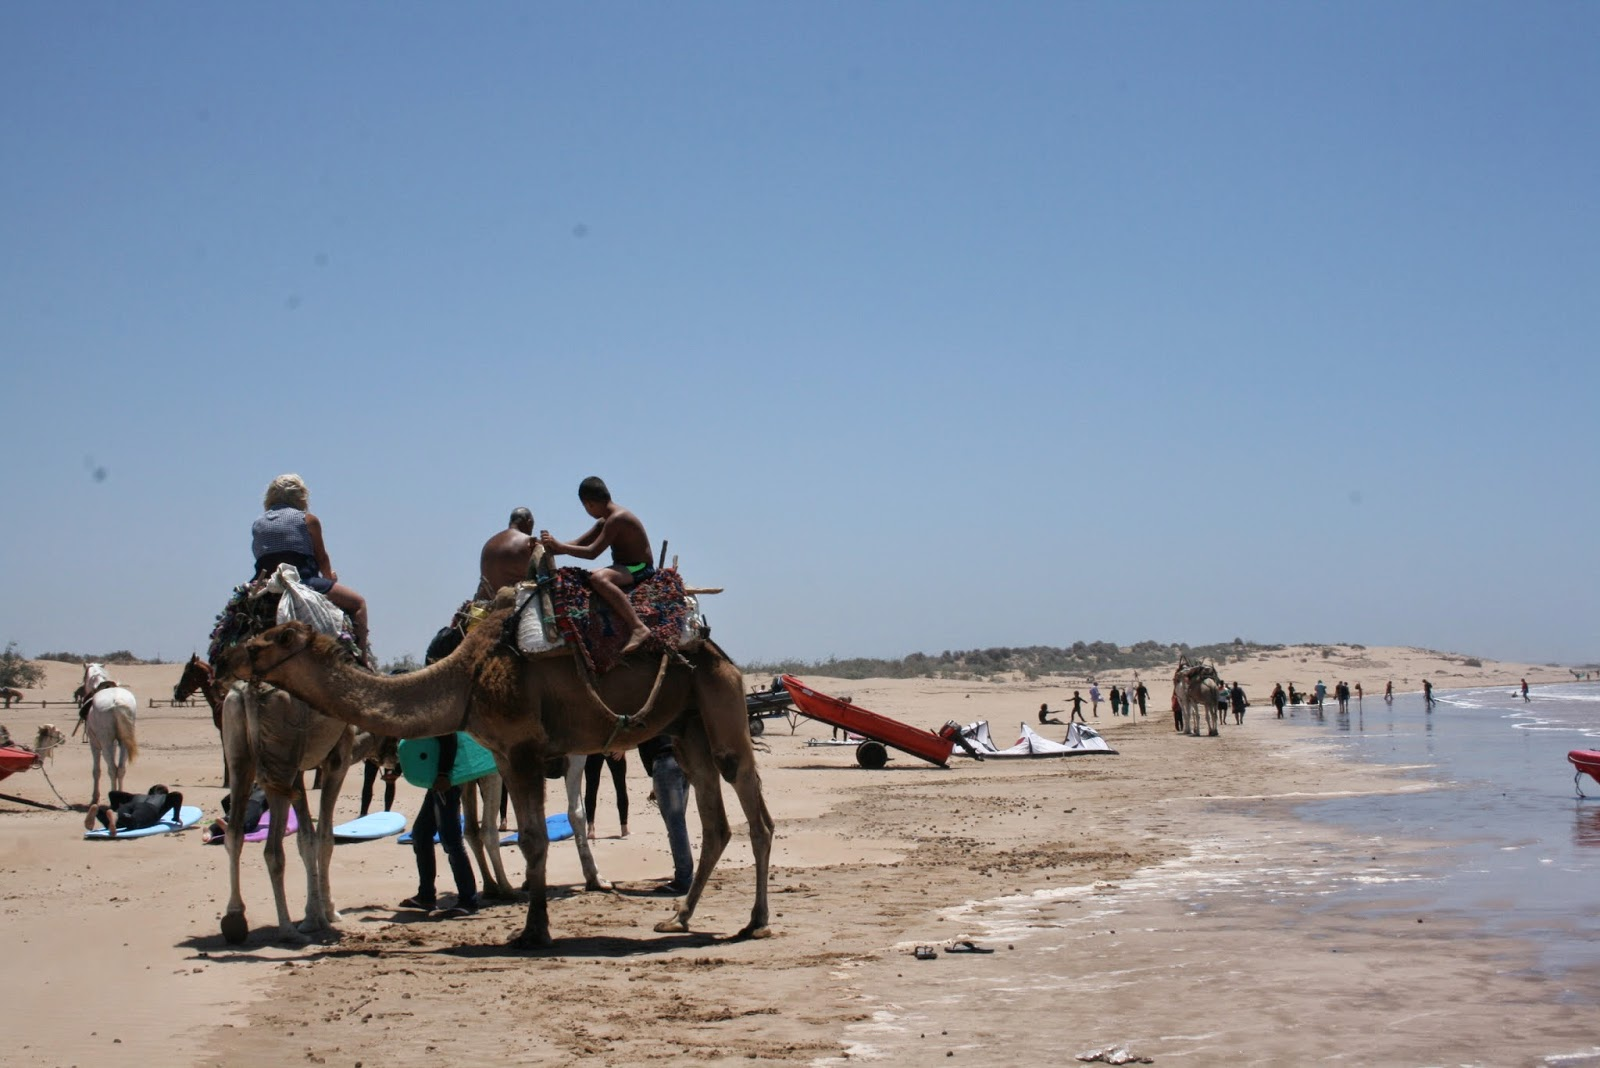 kasbah luna sur marruecos, viajes a marruecos, dunas de erg chebi, merzouga, erfoud, felicidad